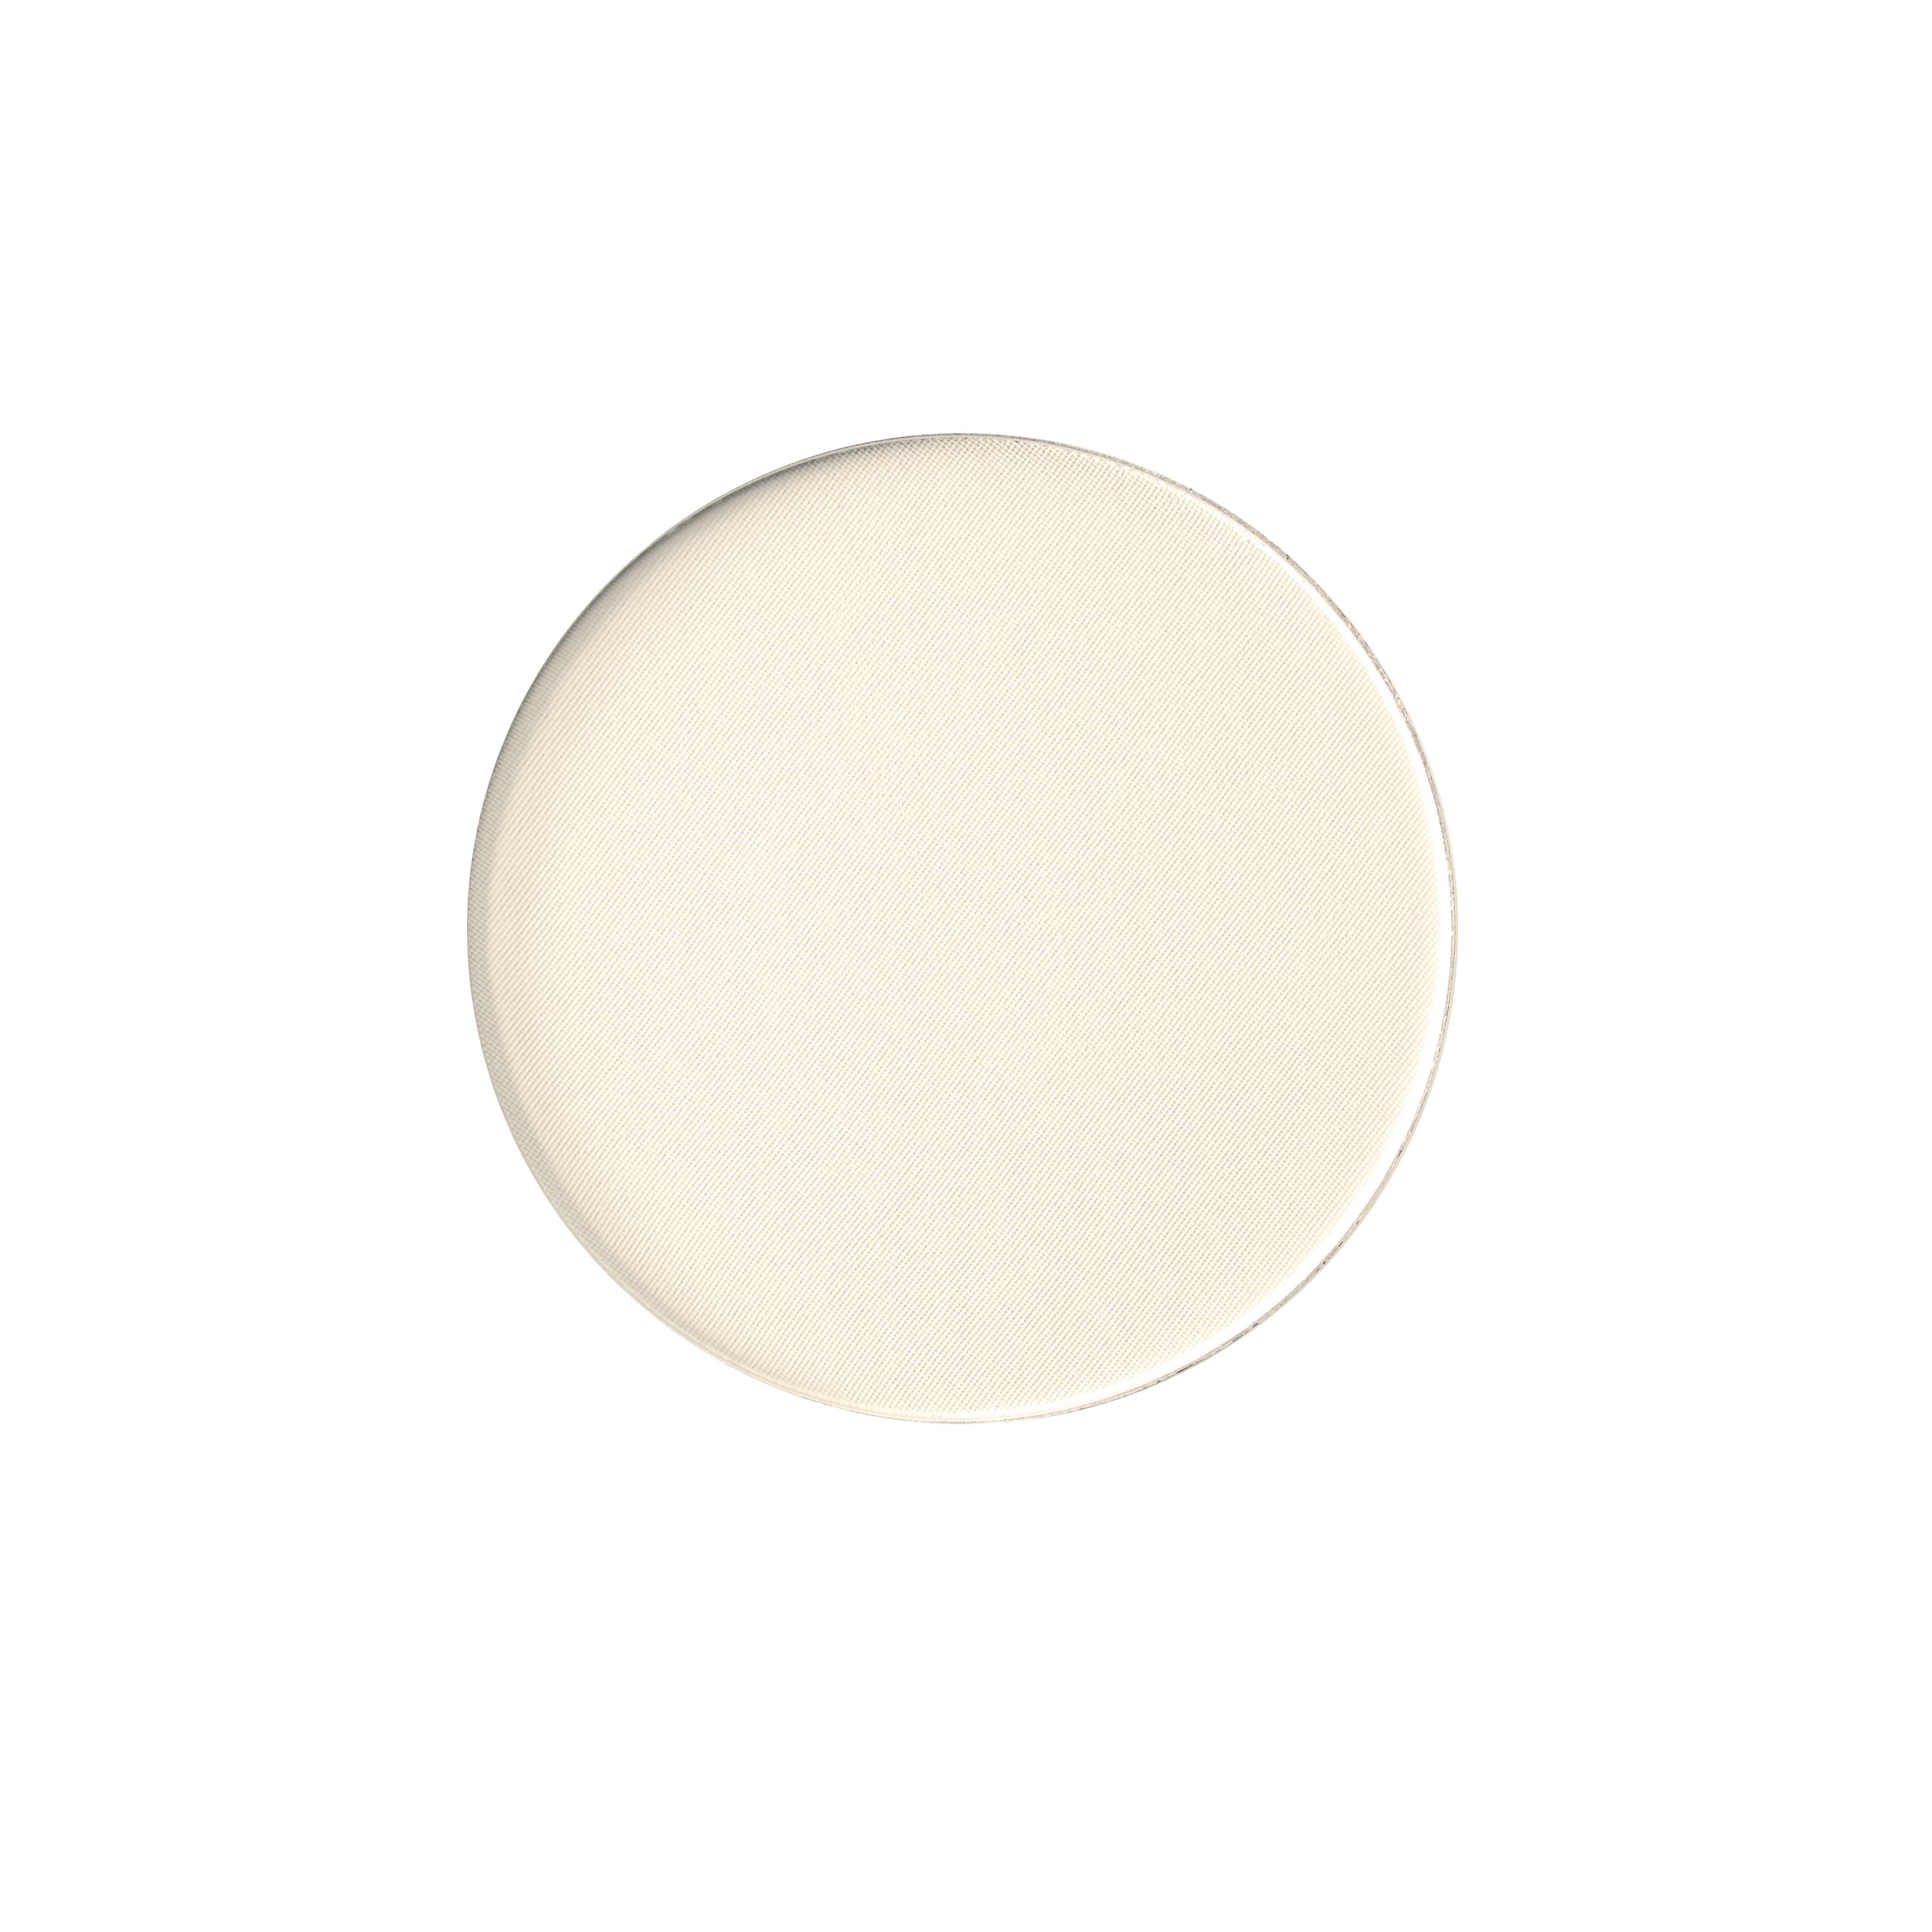 【パウダー】amritara オールライトサンスクリーンパウダー SPF38 PA+++ 本製品 10g(パフ付き)【Face powder】